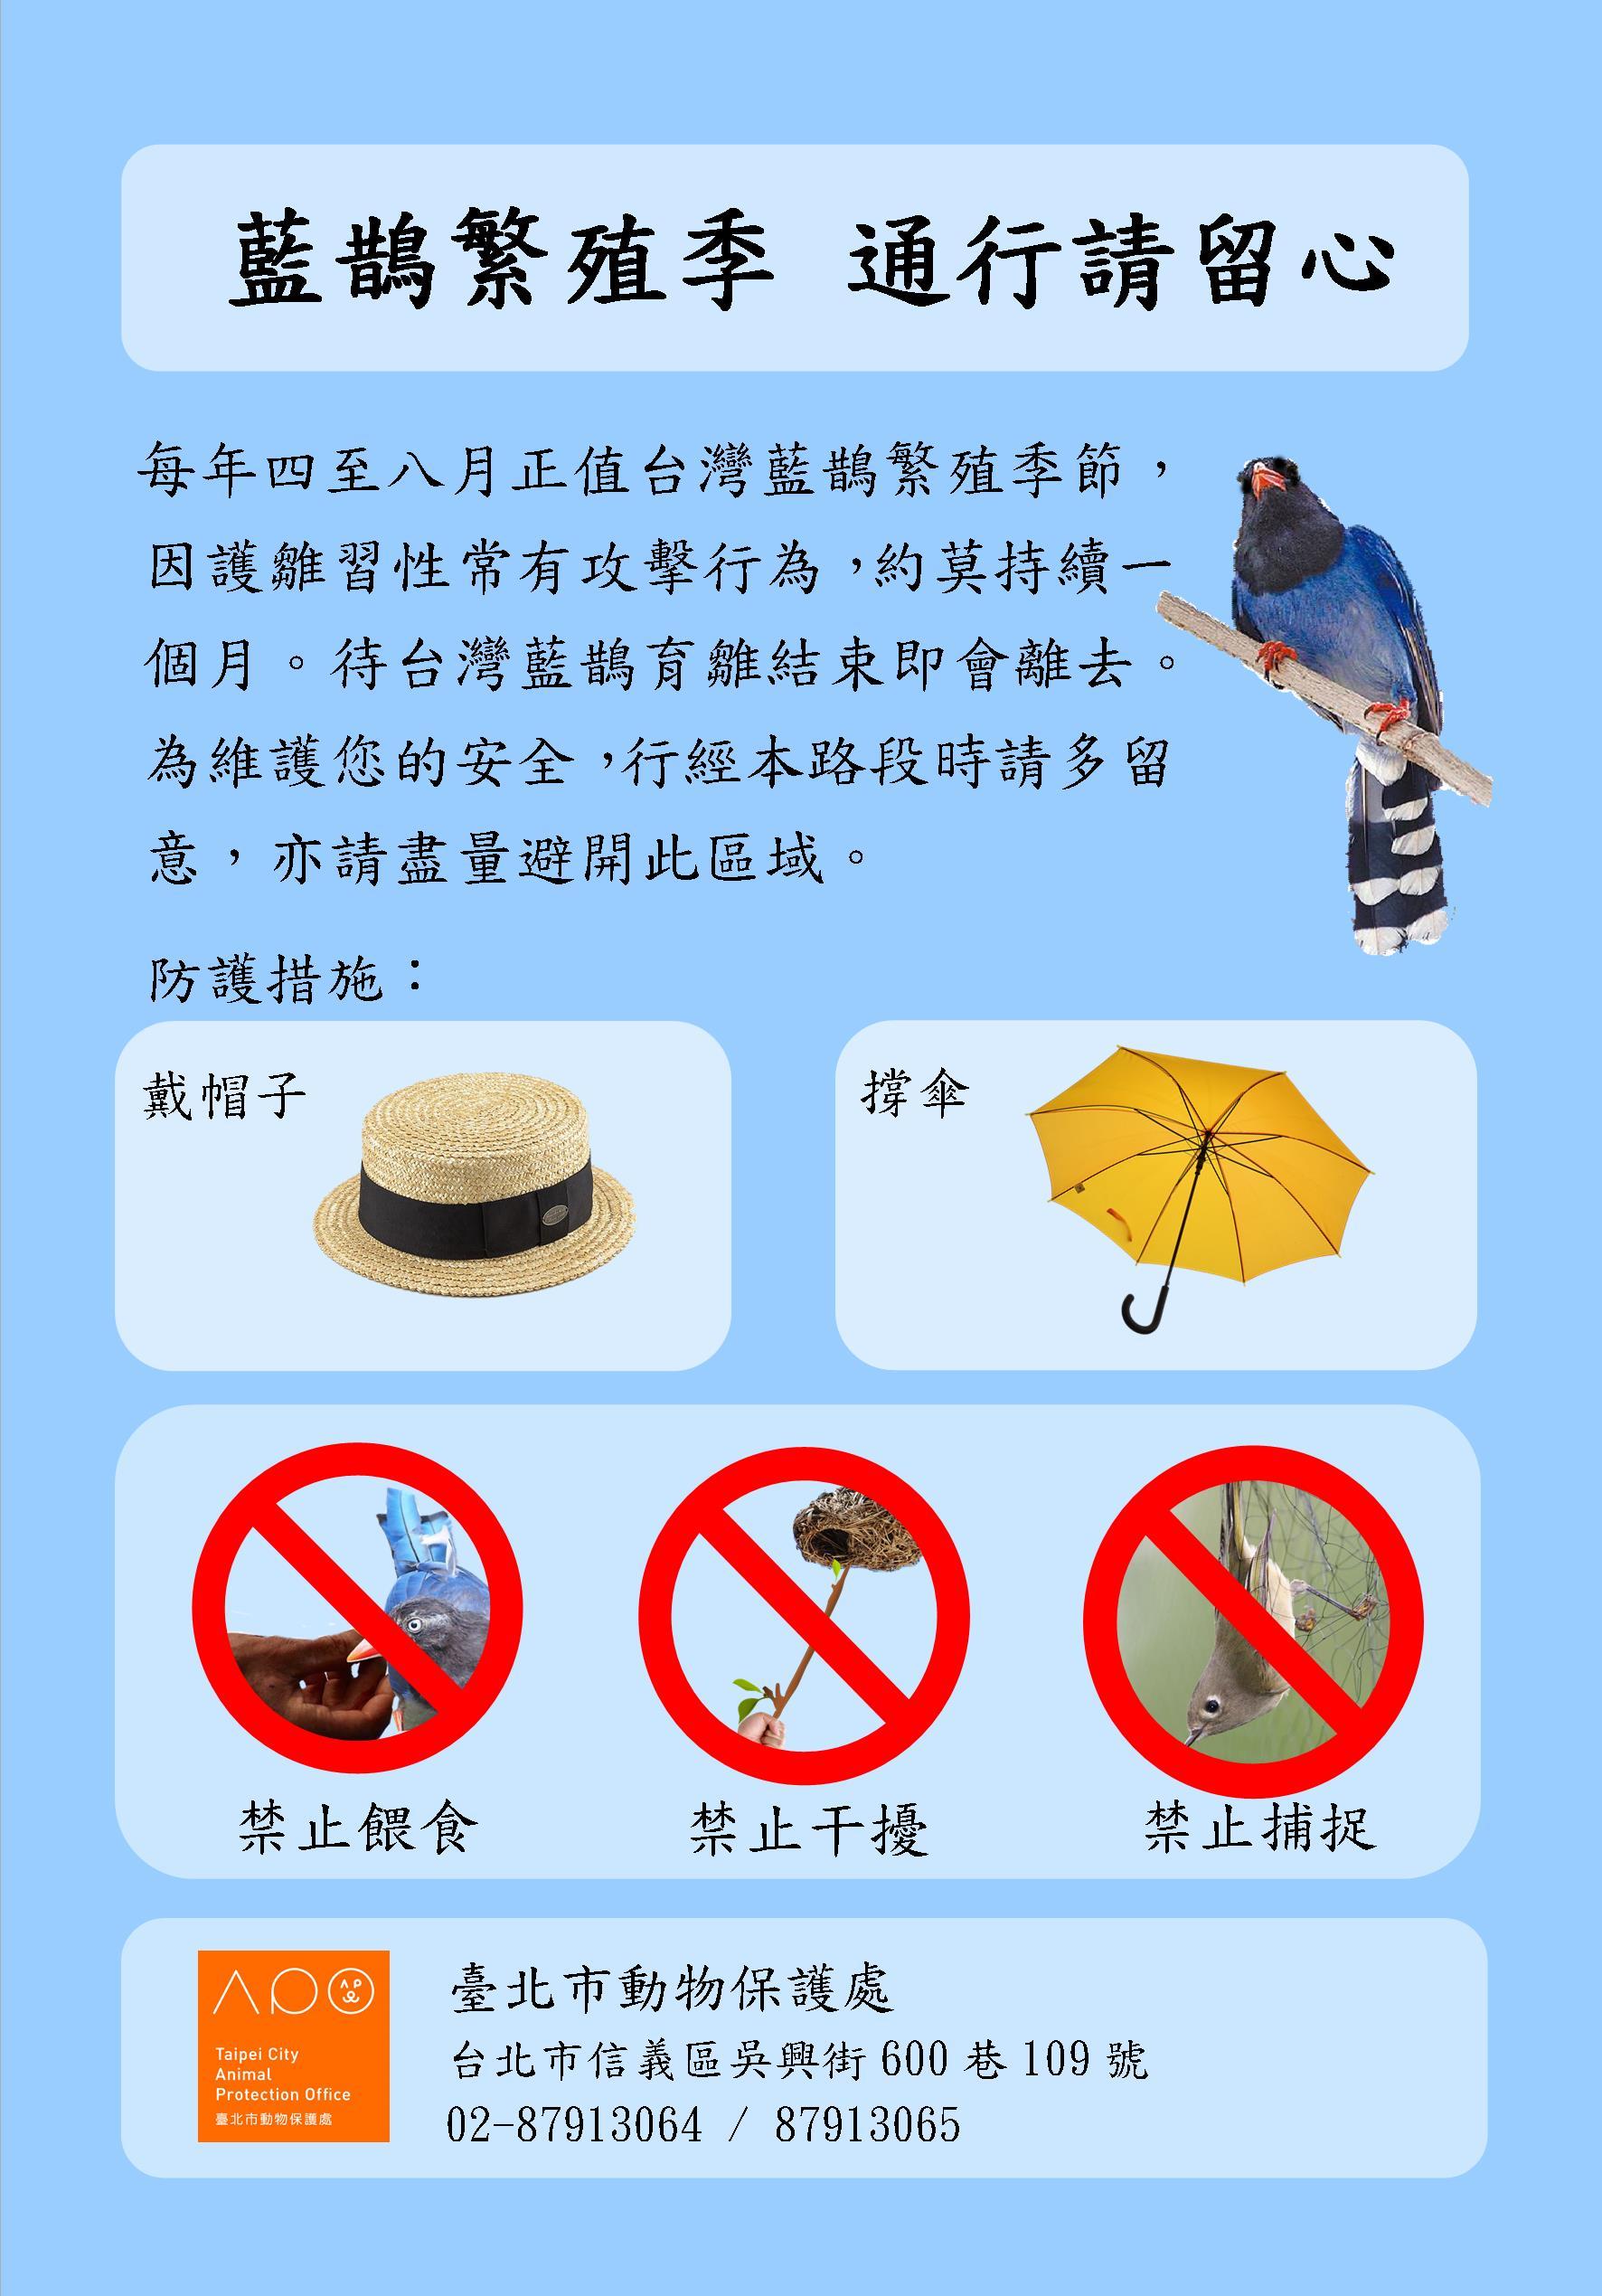 「藍鵲繁殖季,通行請留心」宣導海報